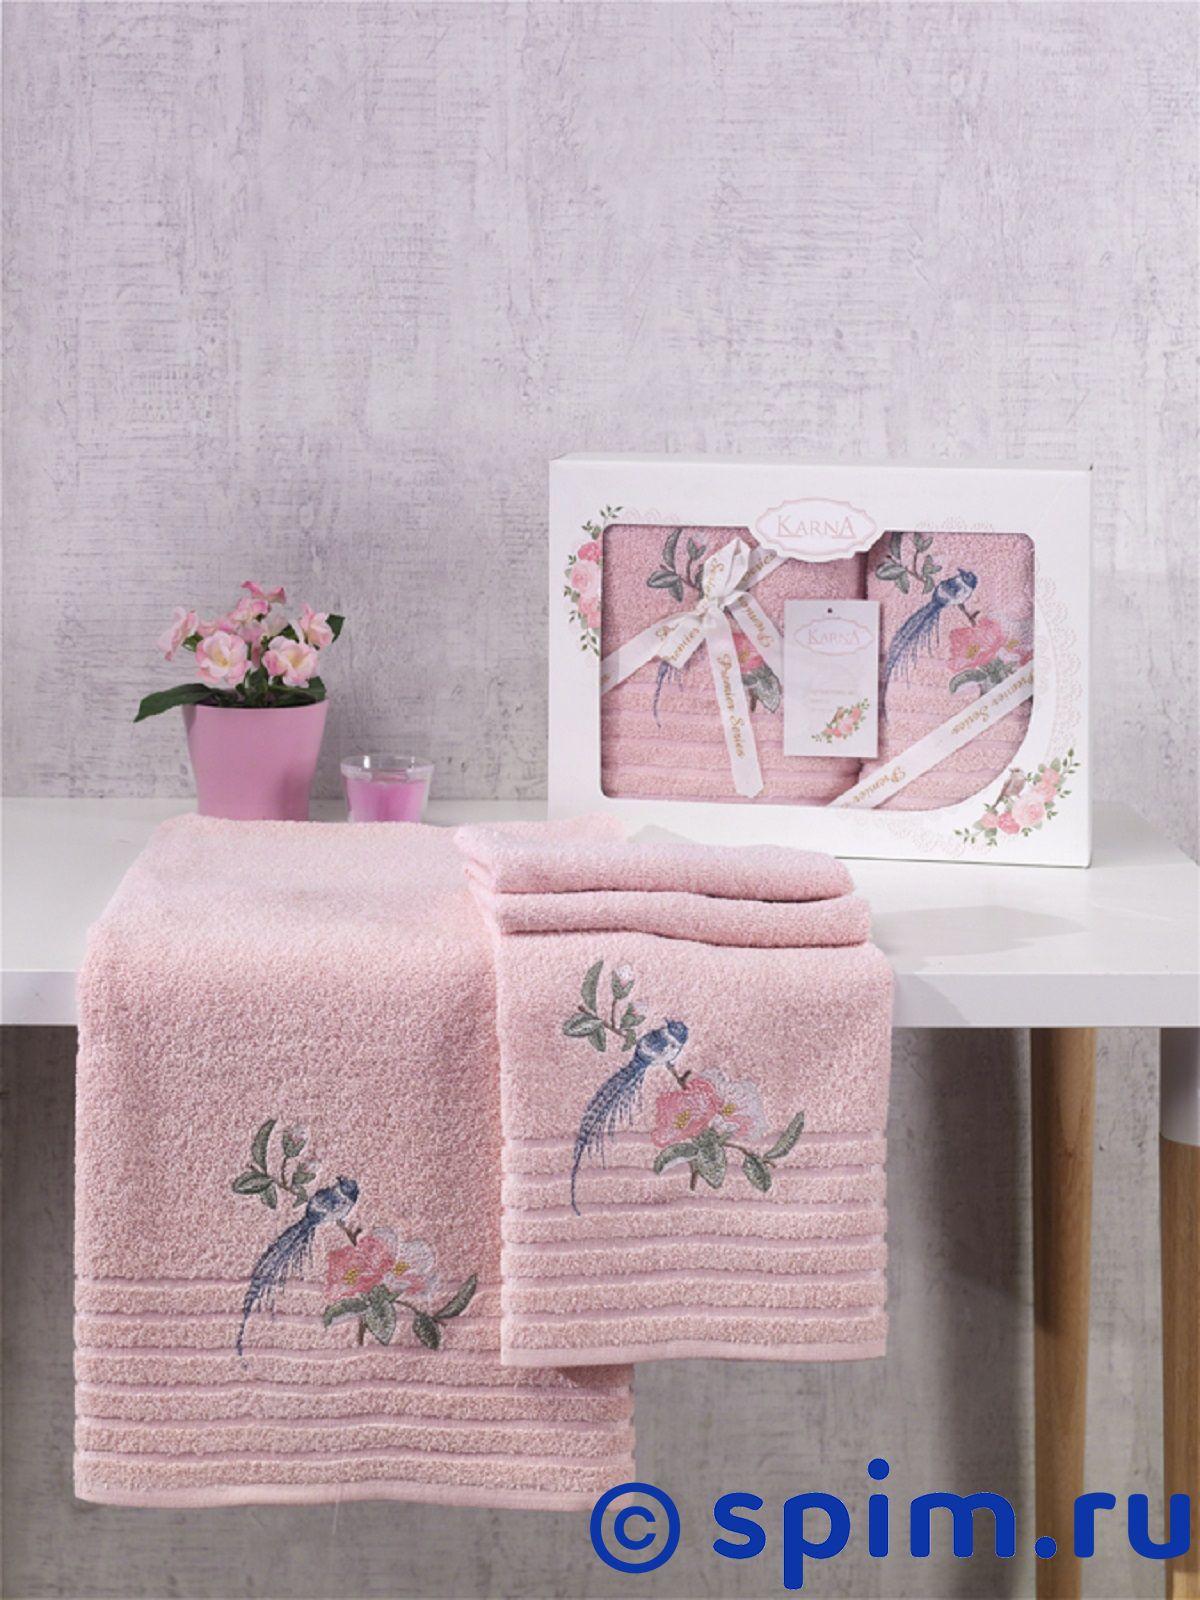 Комплект полотенец Karna Este, пудра покрывало karna покрывало evony цвет пудра 240х260 см